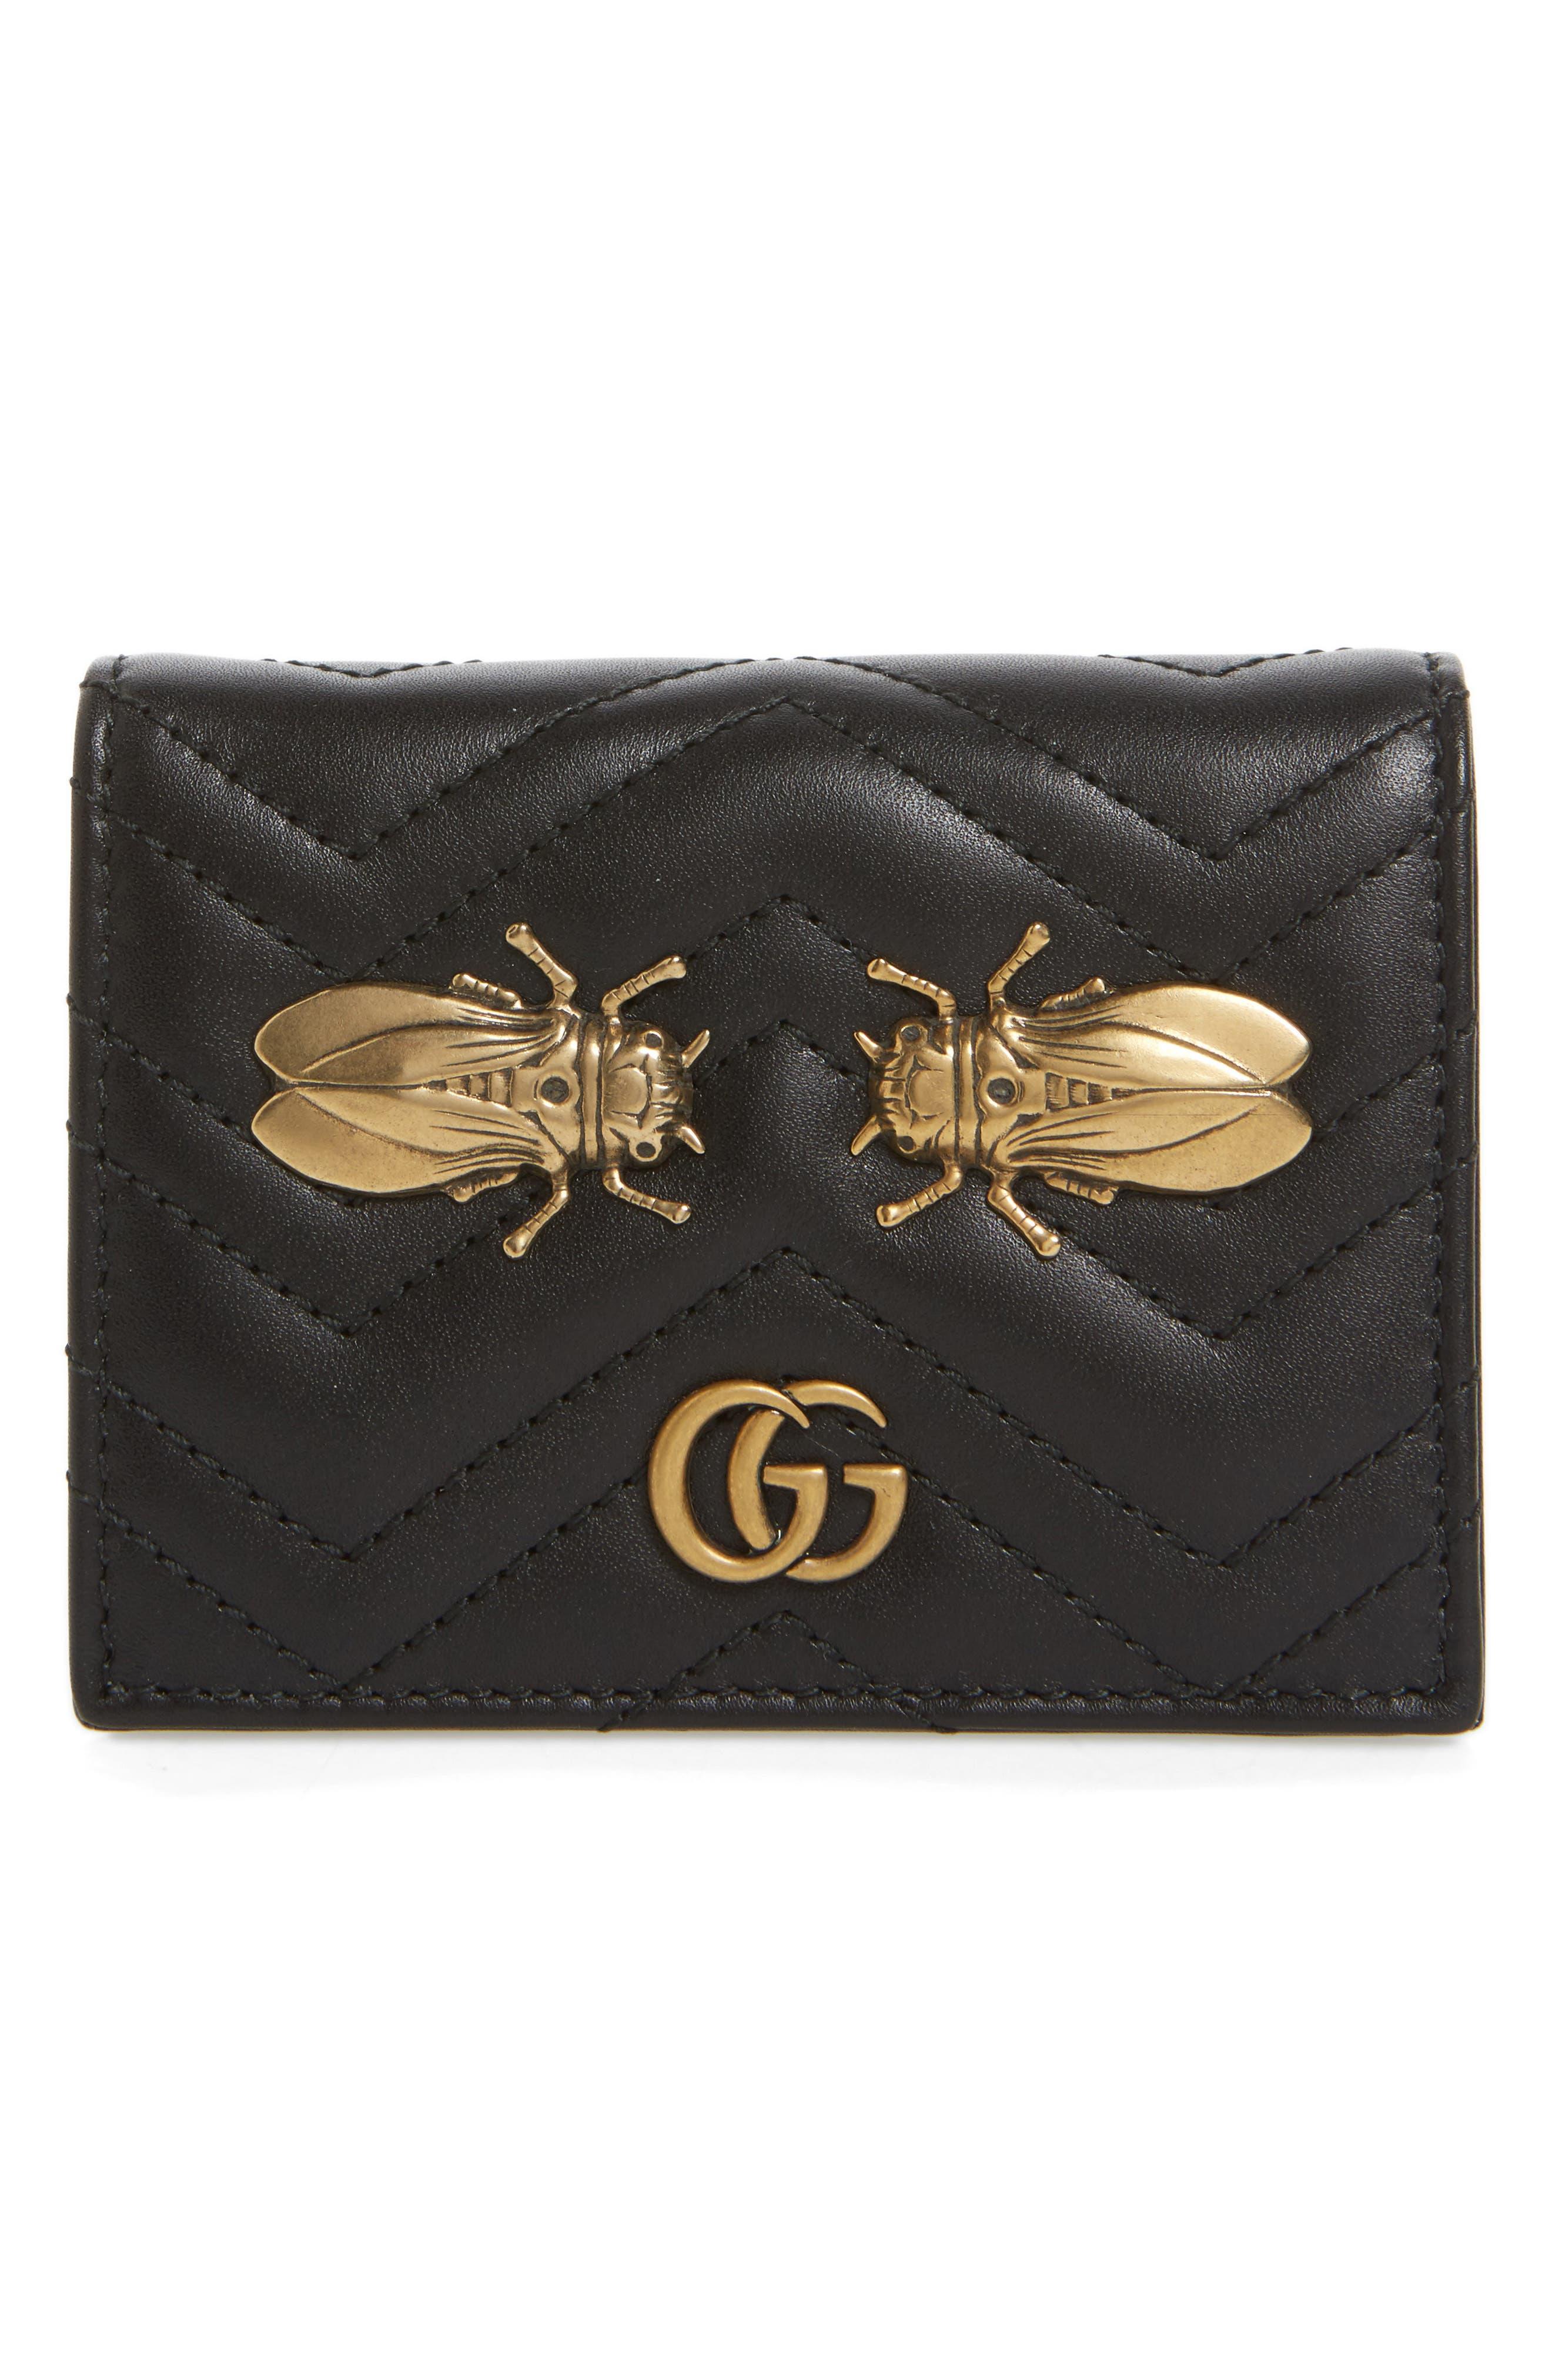 Gucci GG Marmont 2.0 Moth Matelassé Leather Card Case